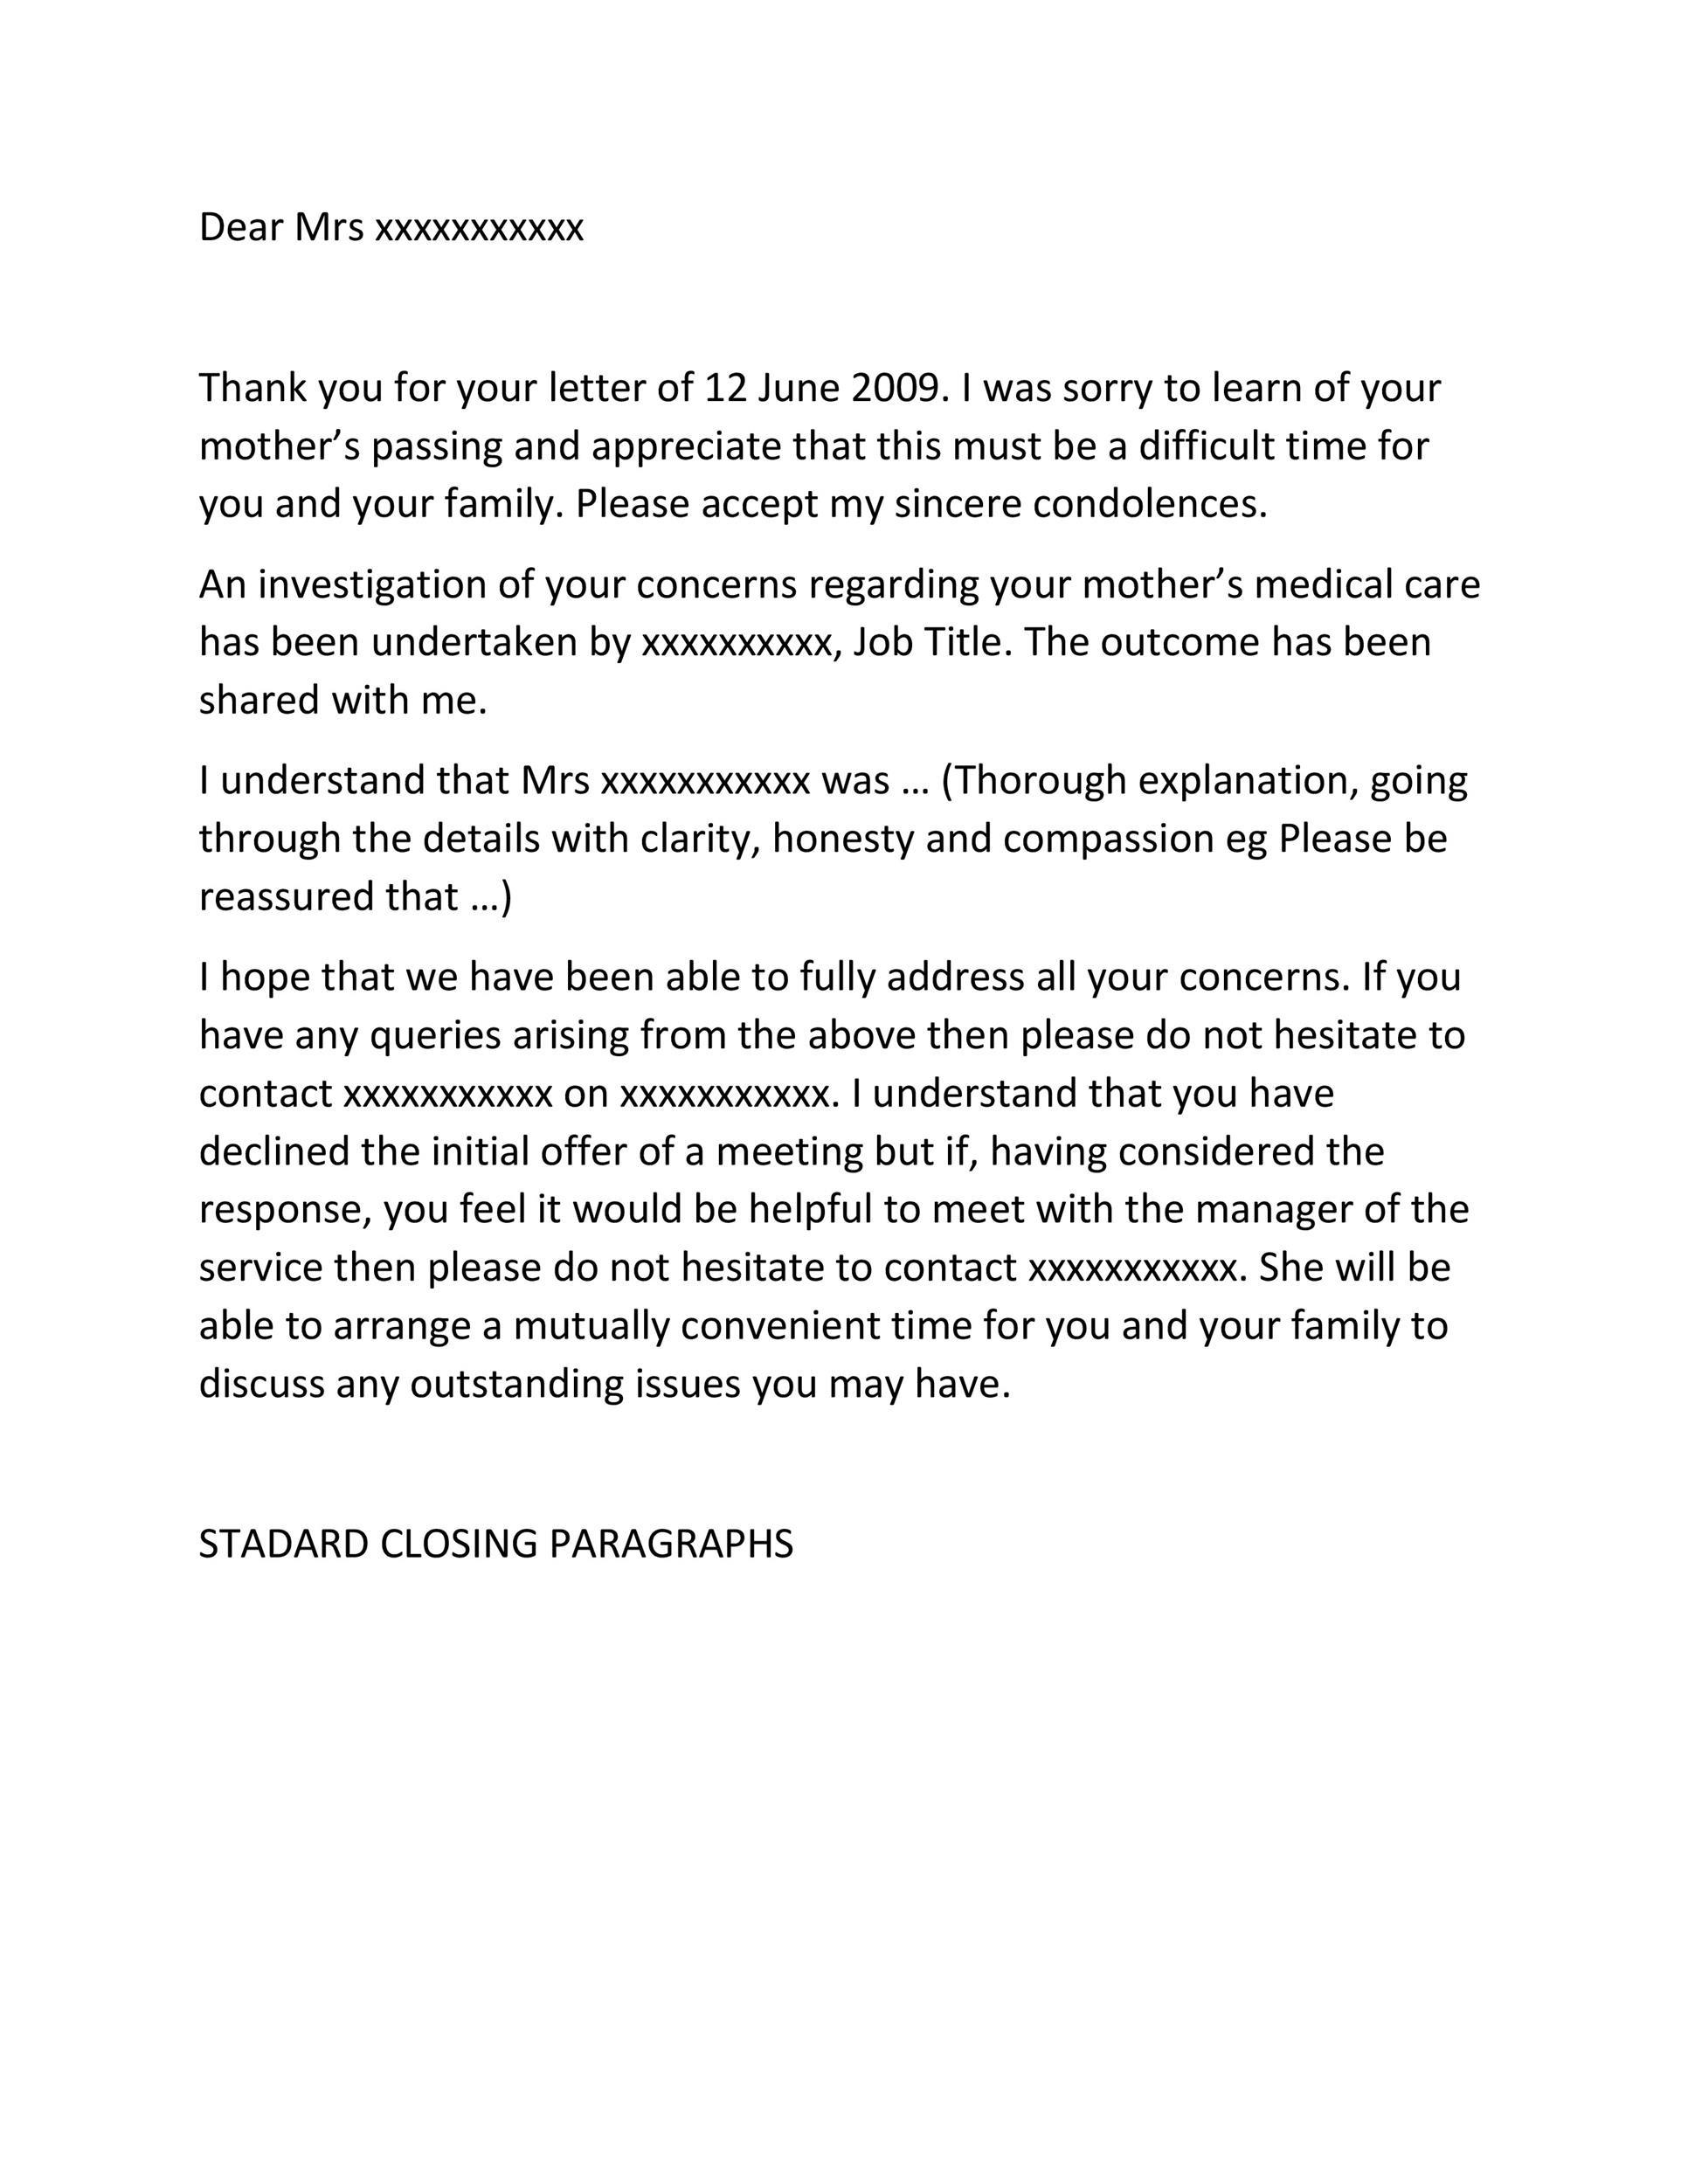 Free adjustment letter 37